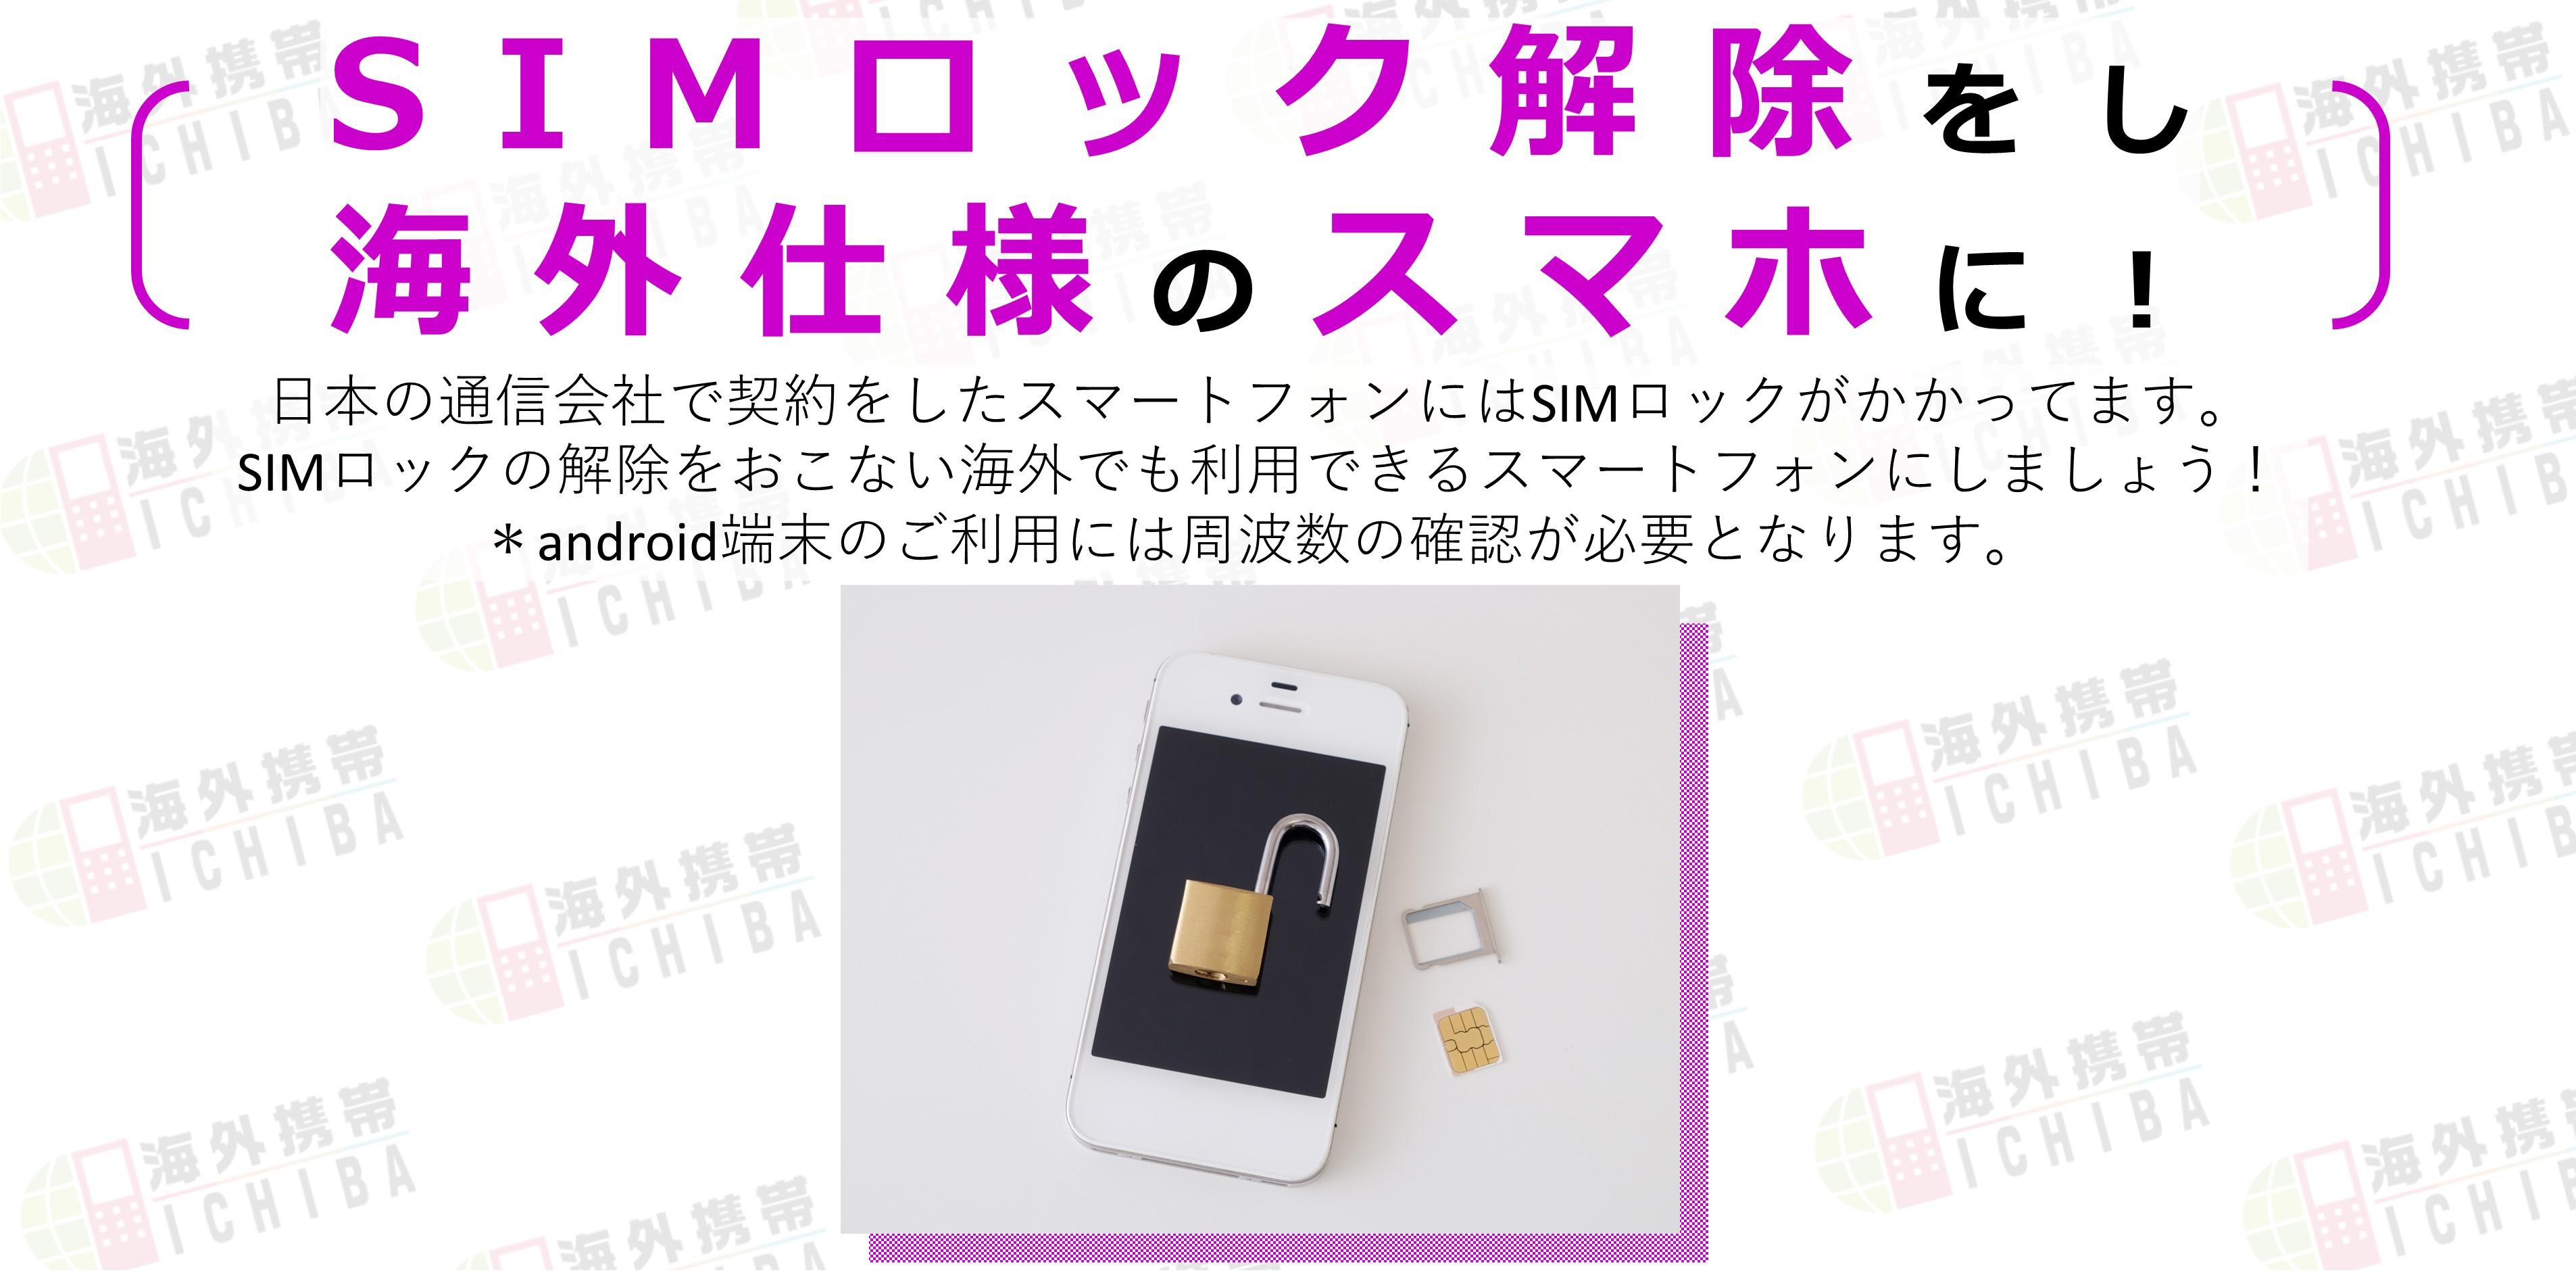 海外携帯市場 バナー素材 004